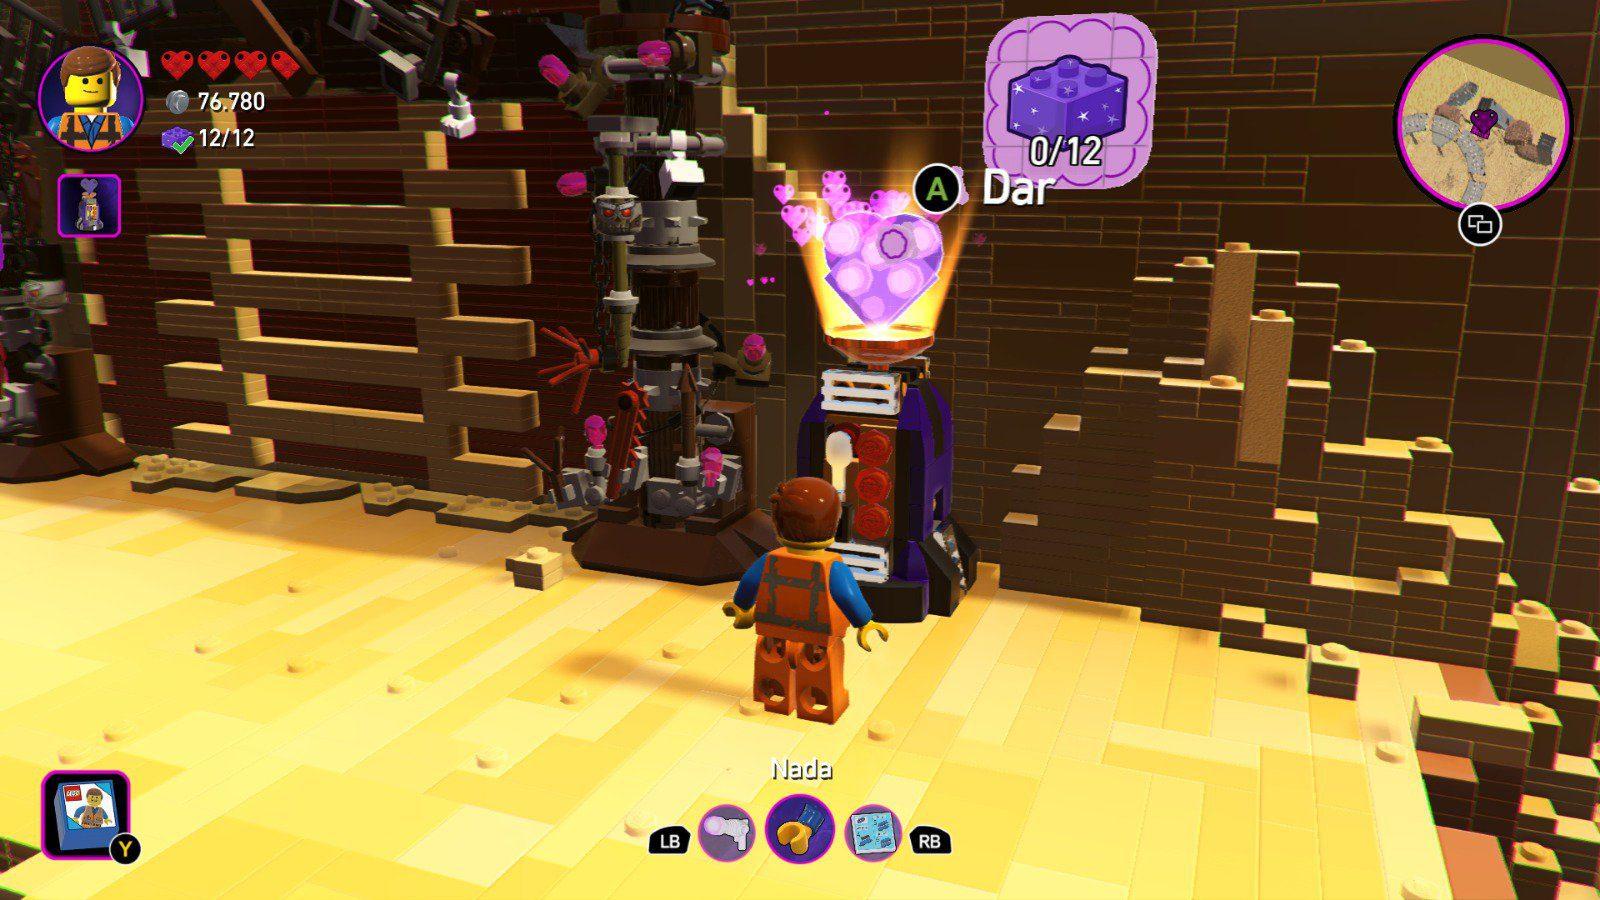 La Lego Pelicula 2: El videojuego